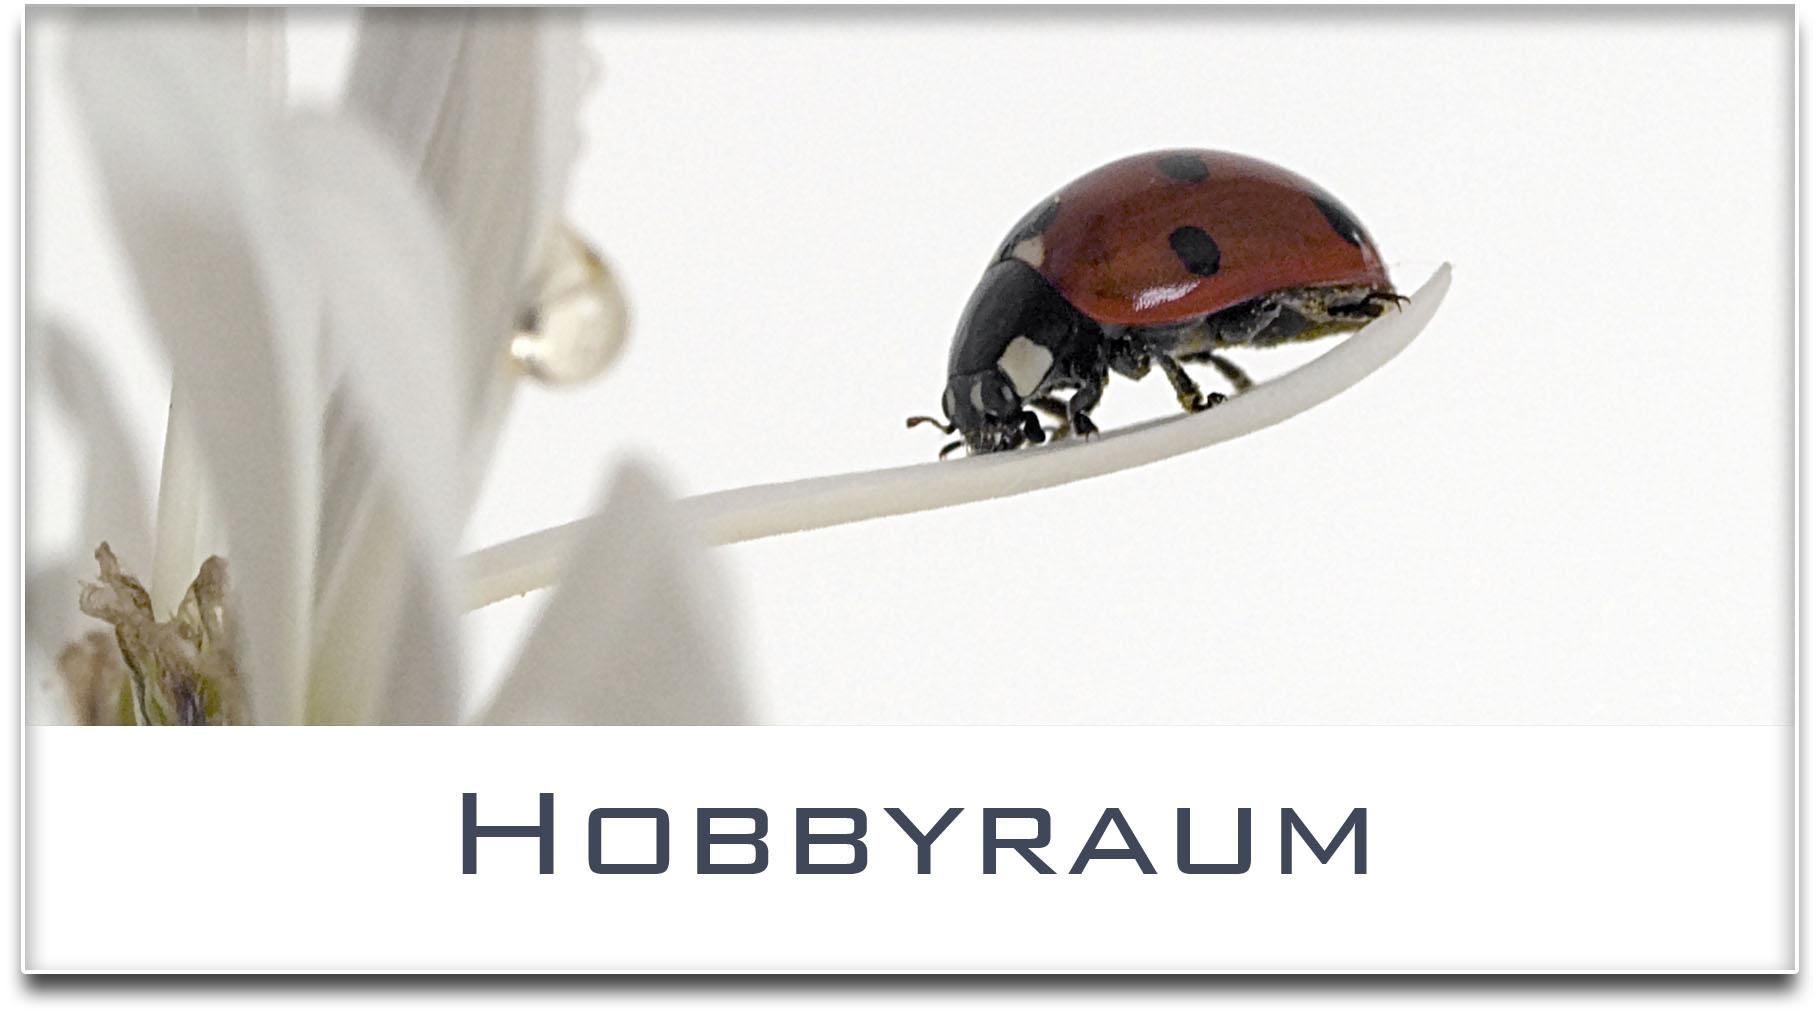 Türschild / Haustürschild / Marienkäfer / Hobbyraum / Selbstklebend